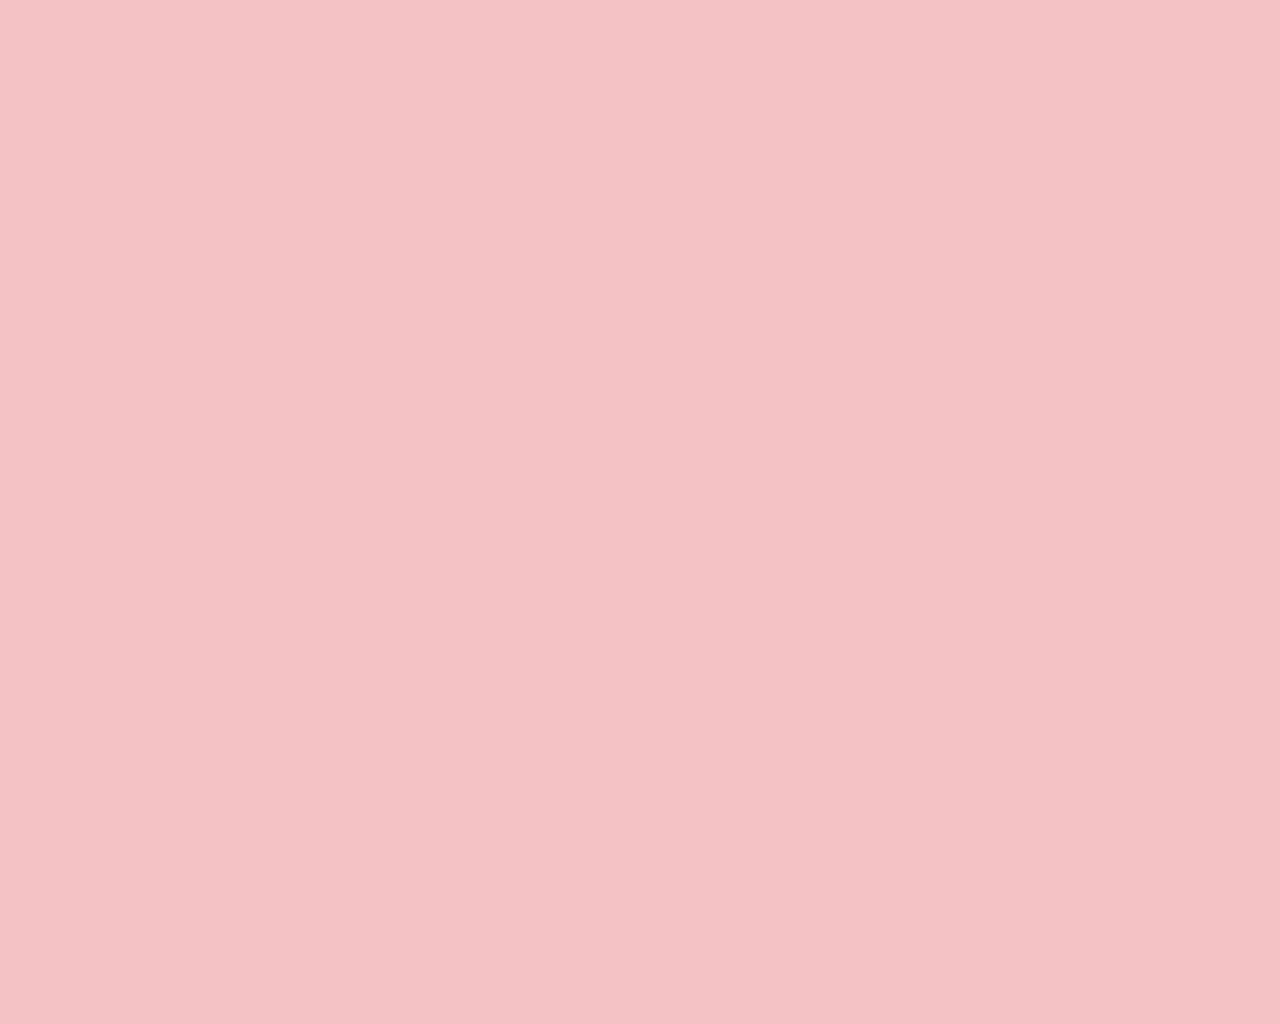 1280x1024 Tea Rose Rose Solid Color Background